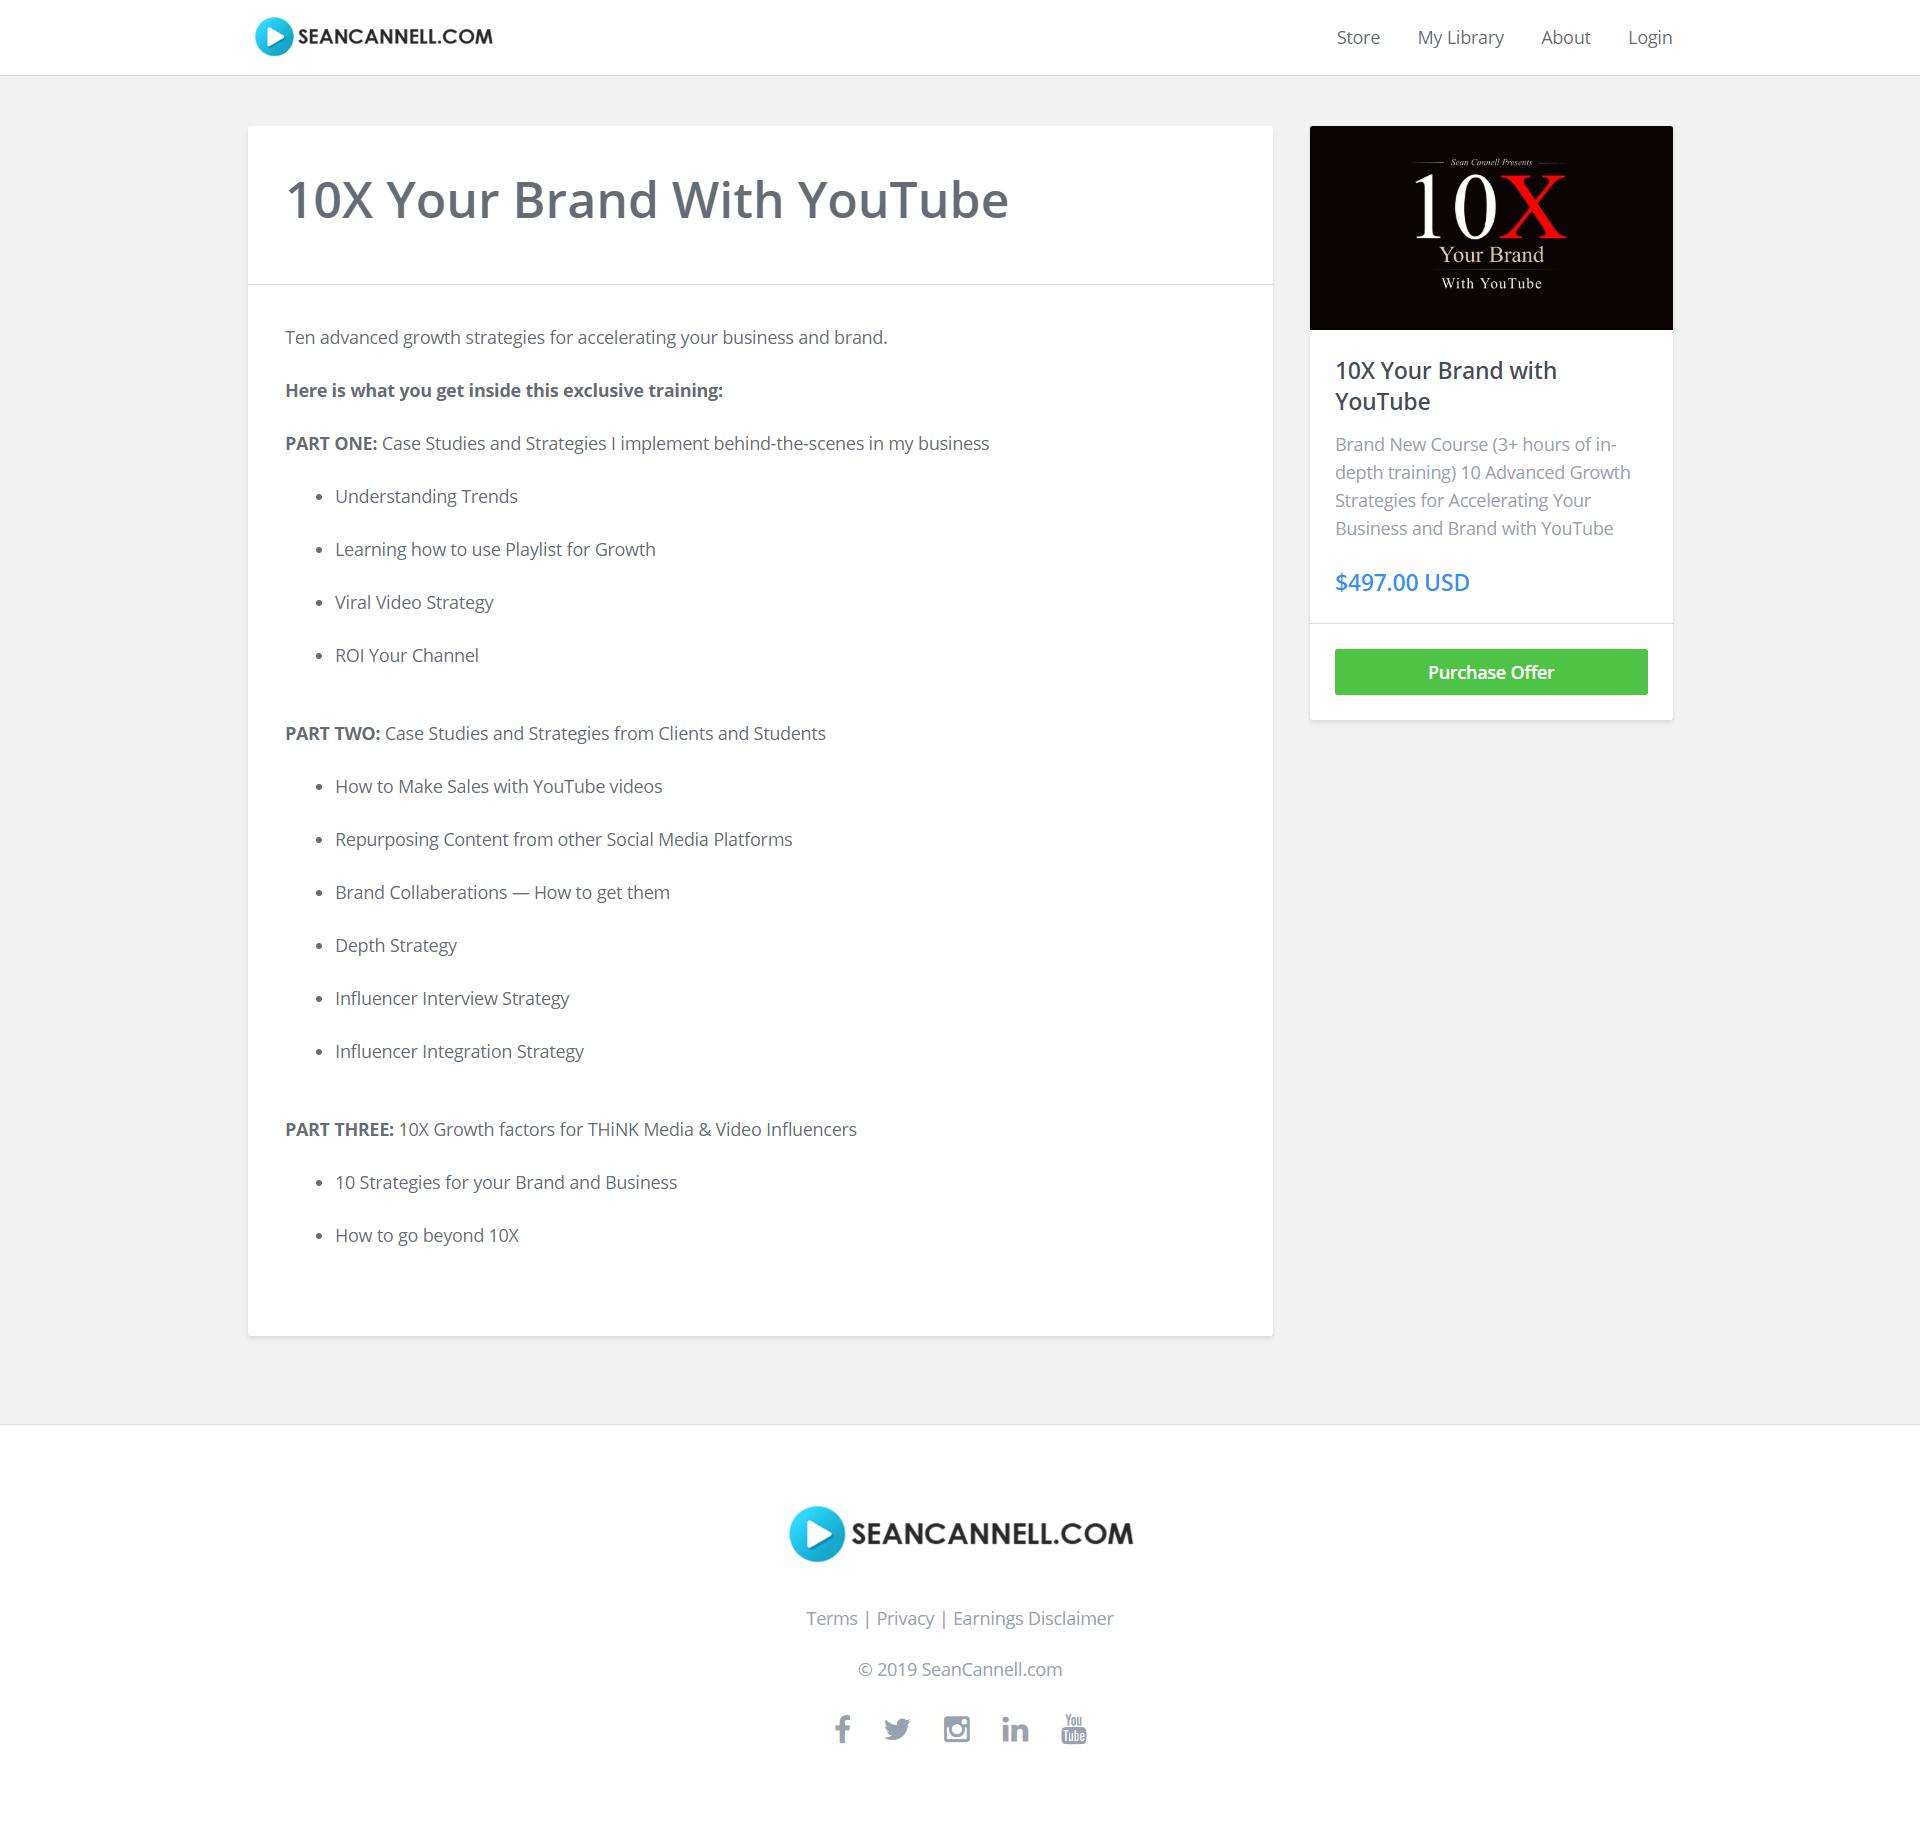 十个高效的策略教你利用YouTube加速您的业务和品牌成长(10X Your Brand